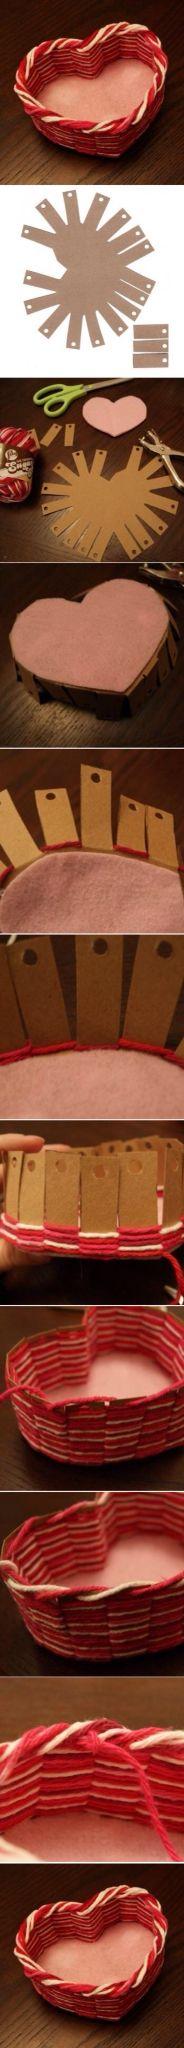 Maak je eigen harten doosjes - heart box